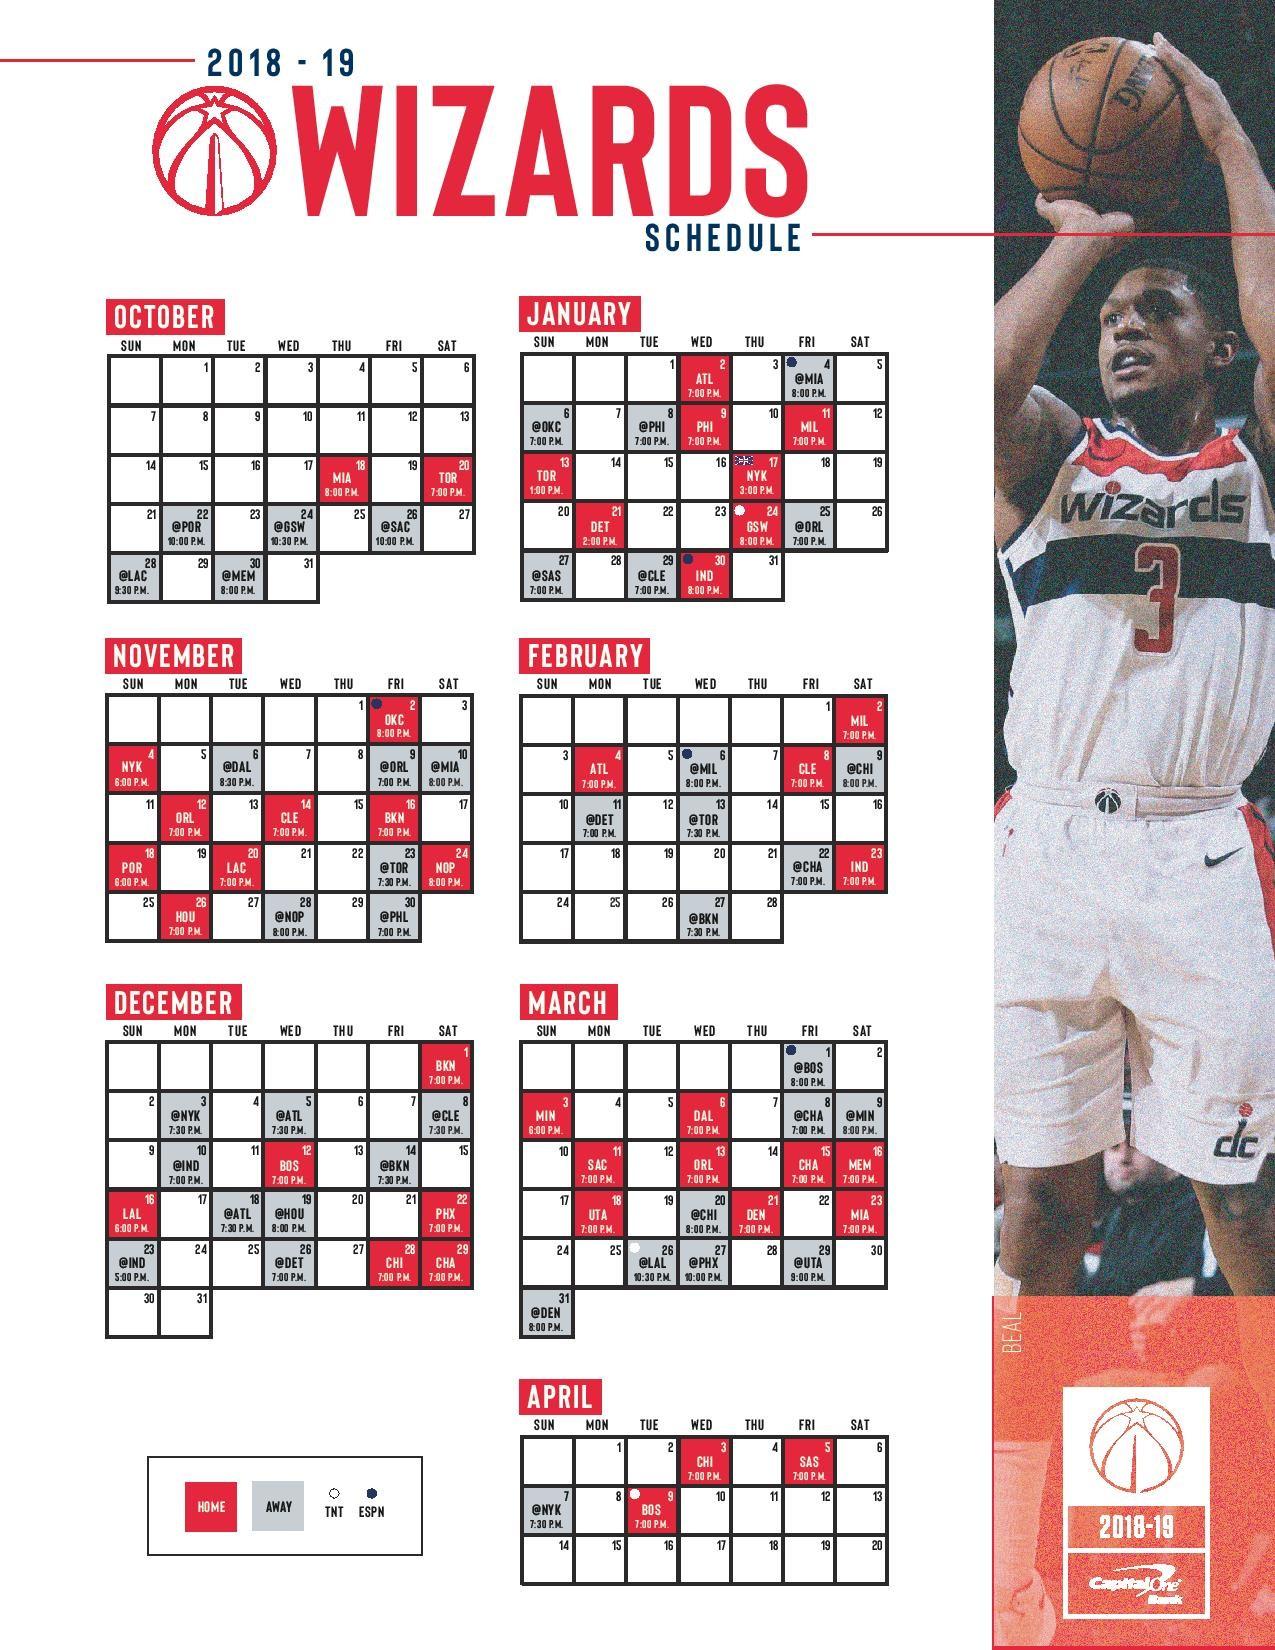 Calendario Nba 2019 Knicks Más Actual Washington Wizards Schedule Of Calendario Nba 2019 Knicks Más Populares Sportando